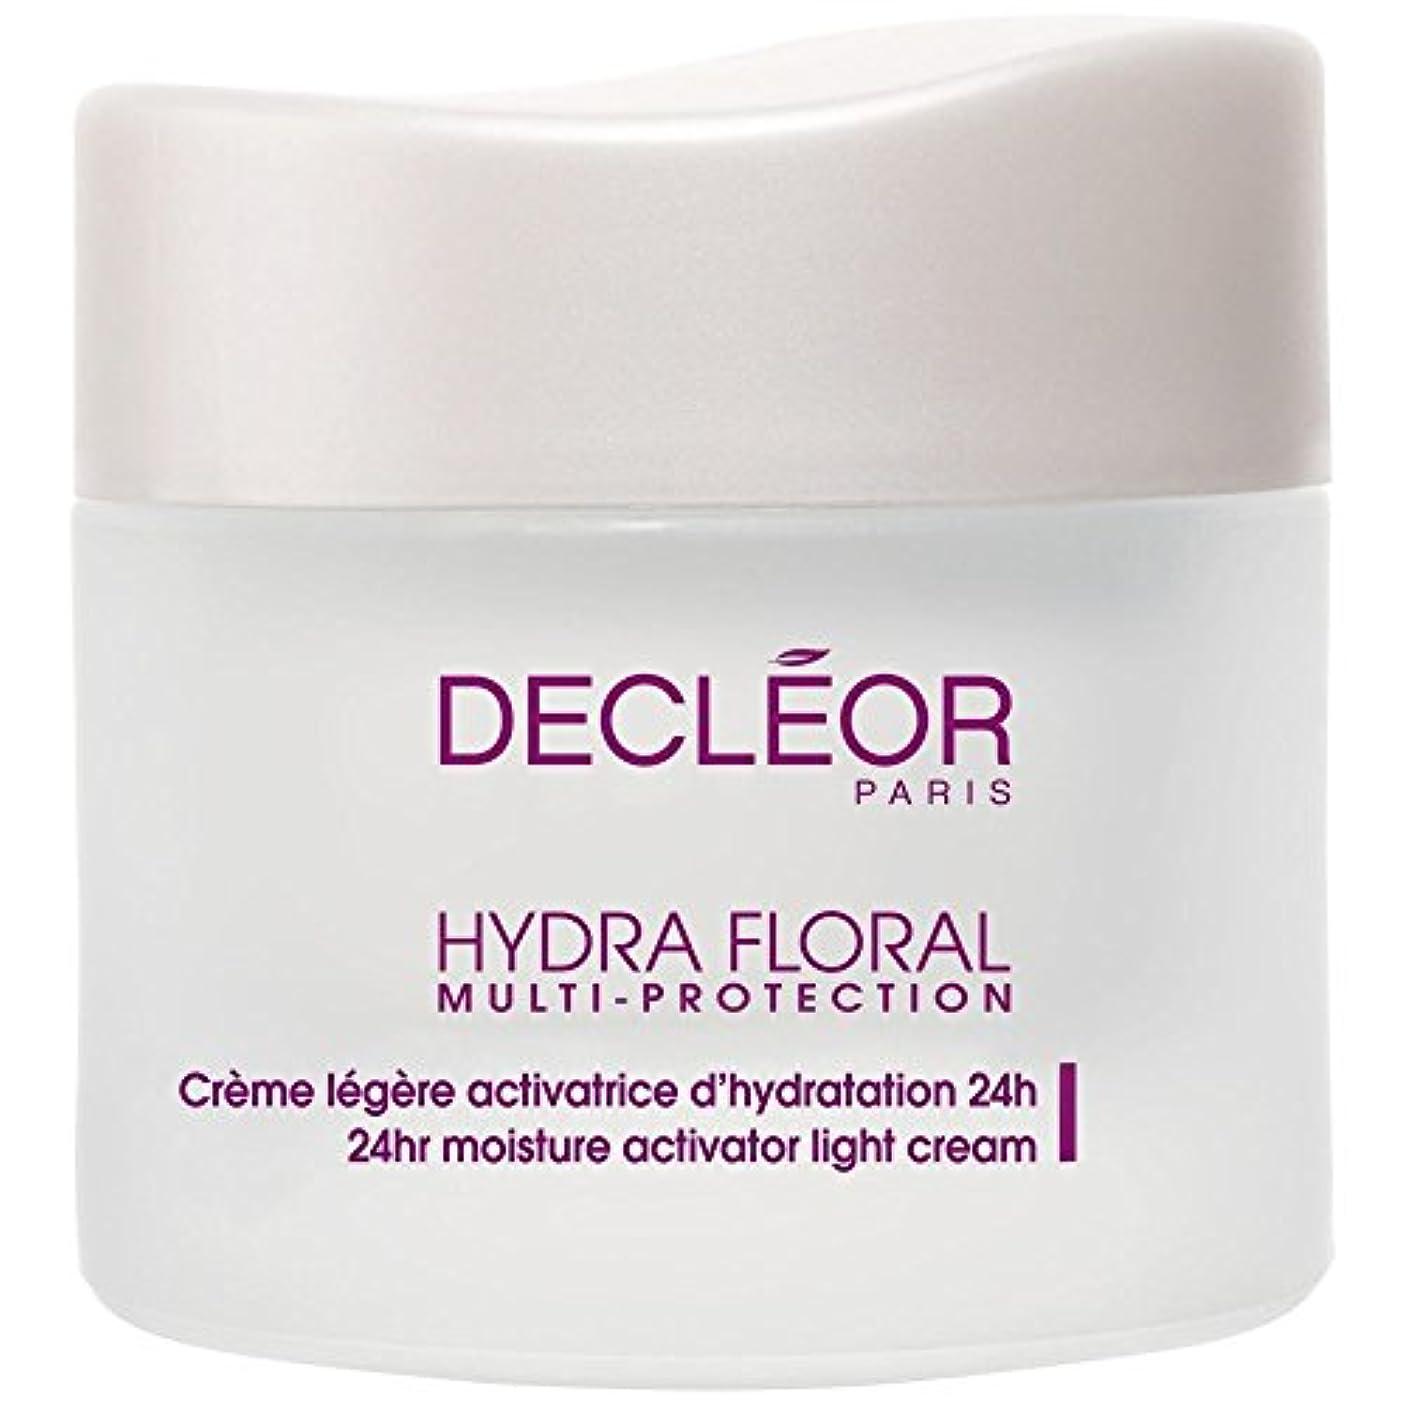 反逆者処方相対性理論[Decl?or] デクレオールヒドラ花のマルチプロテクションベーターライトクリーム、50ミリリットル - Decl?or Hydra Floral Multi Protection Activator Light Cream...